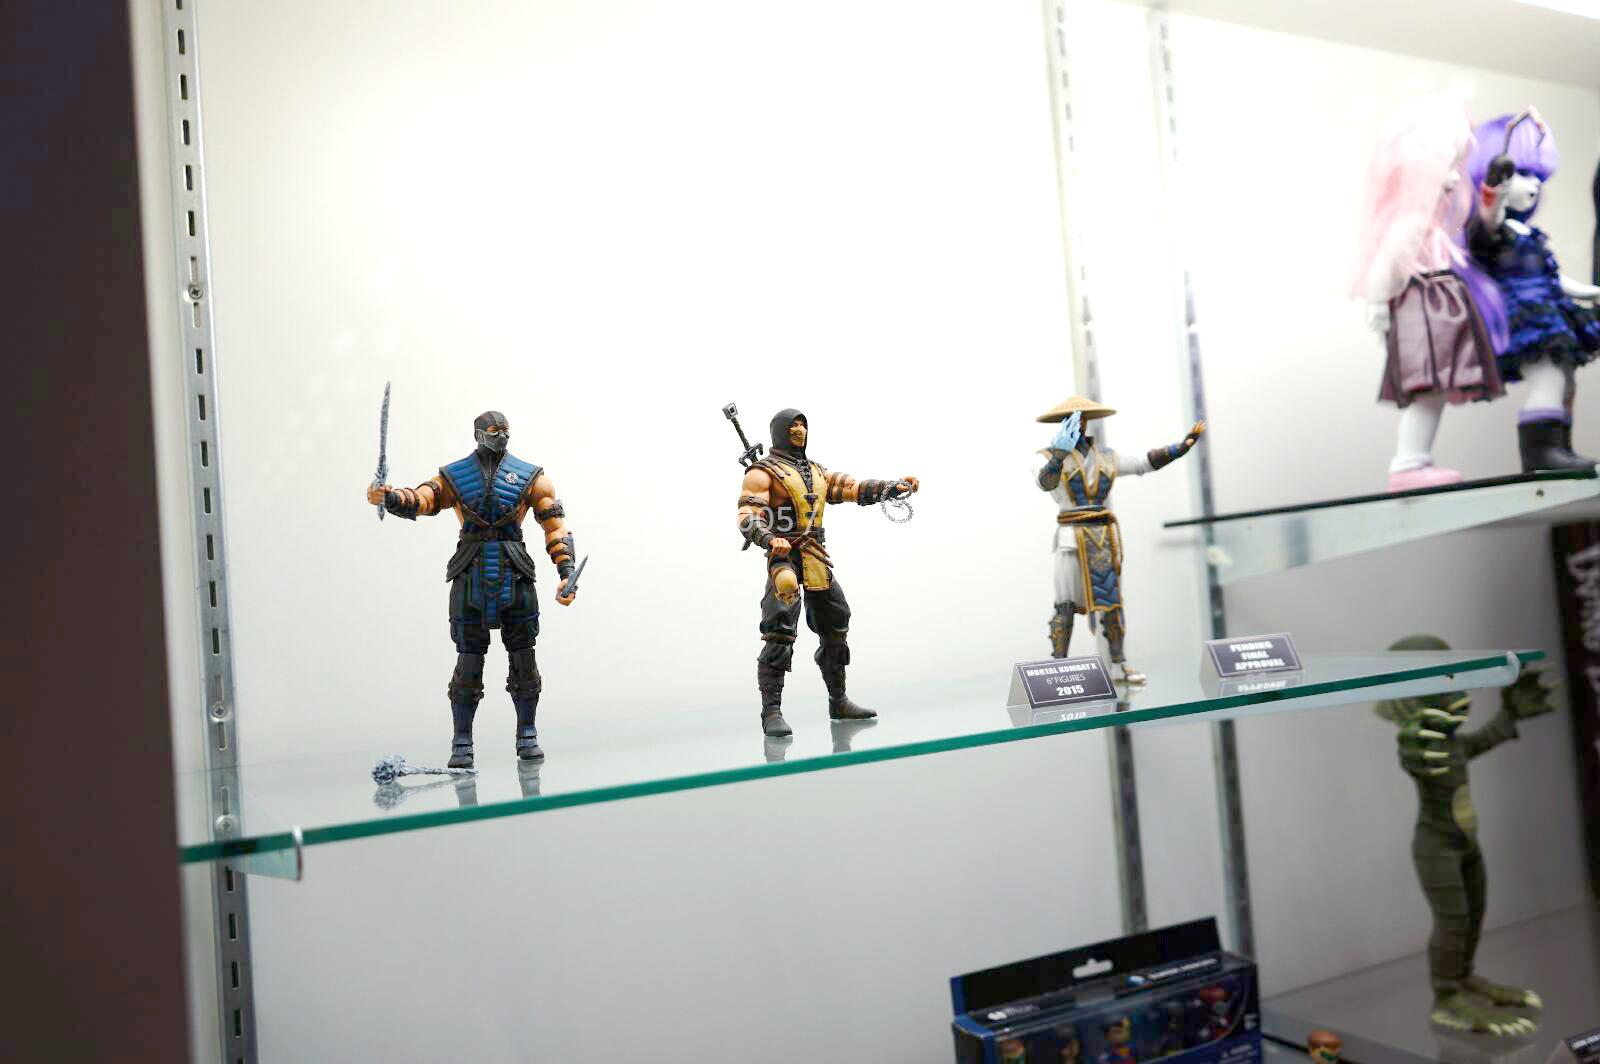 [NYCC 2014] MEZCO - 6-Inch Mortal Kombat X Figures NYCC-2014-Mezco-Mortal-Kombat-X-001